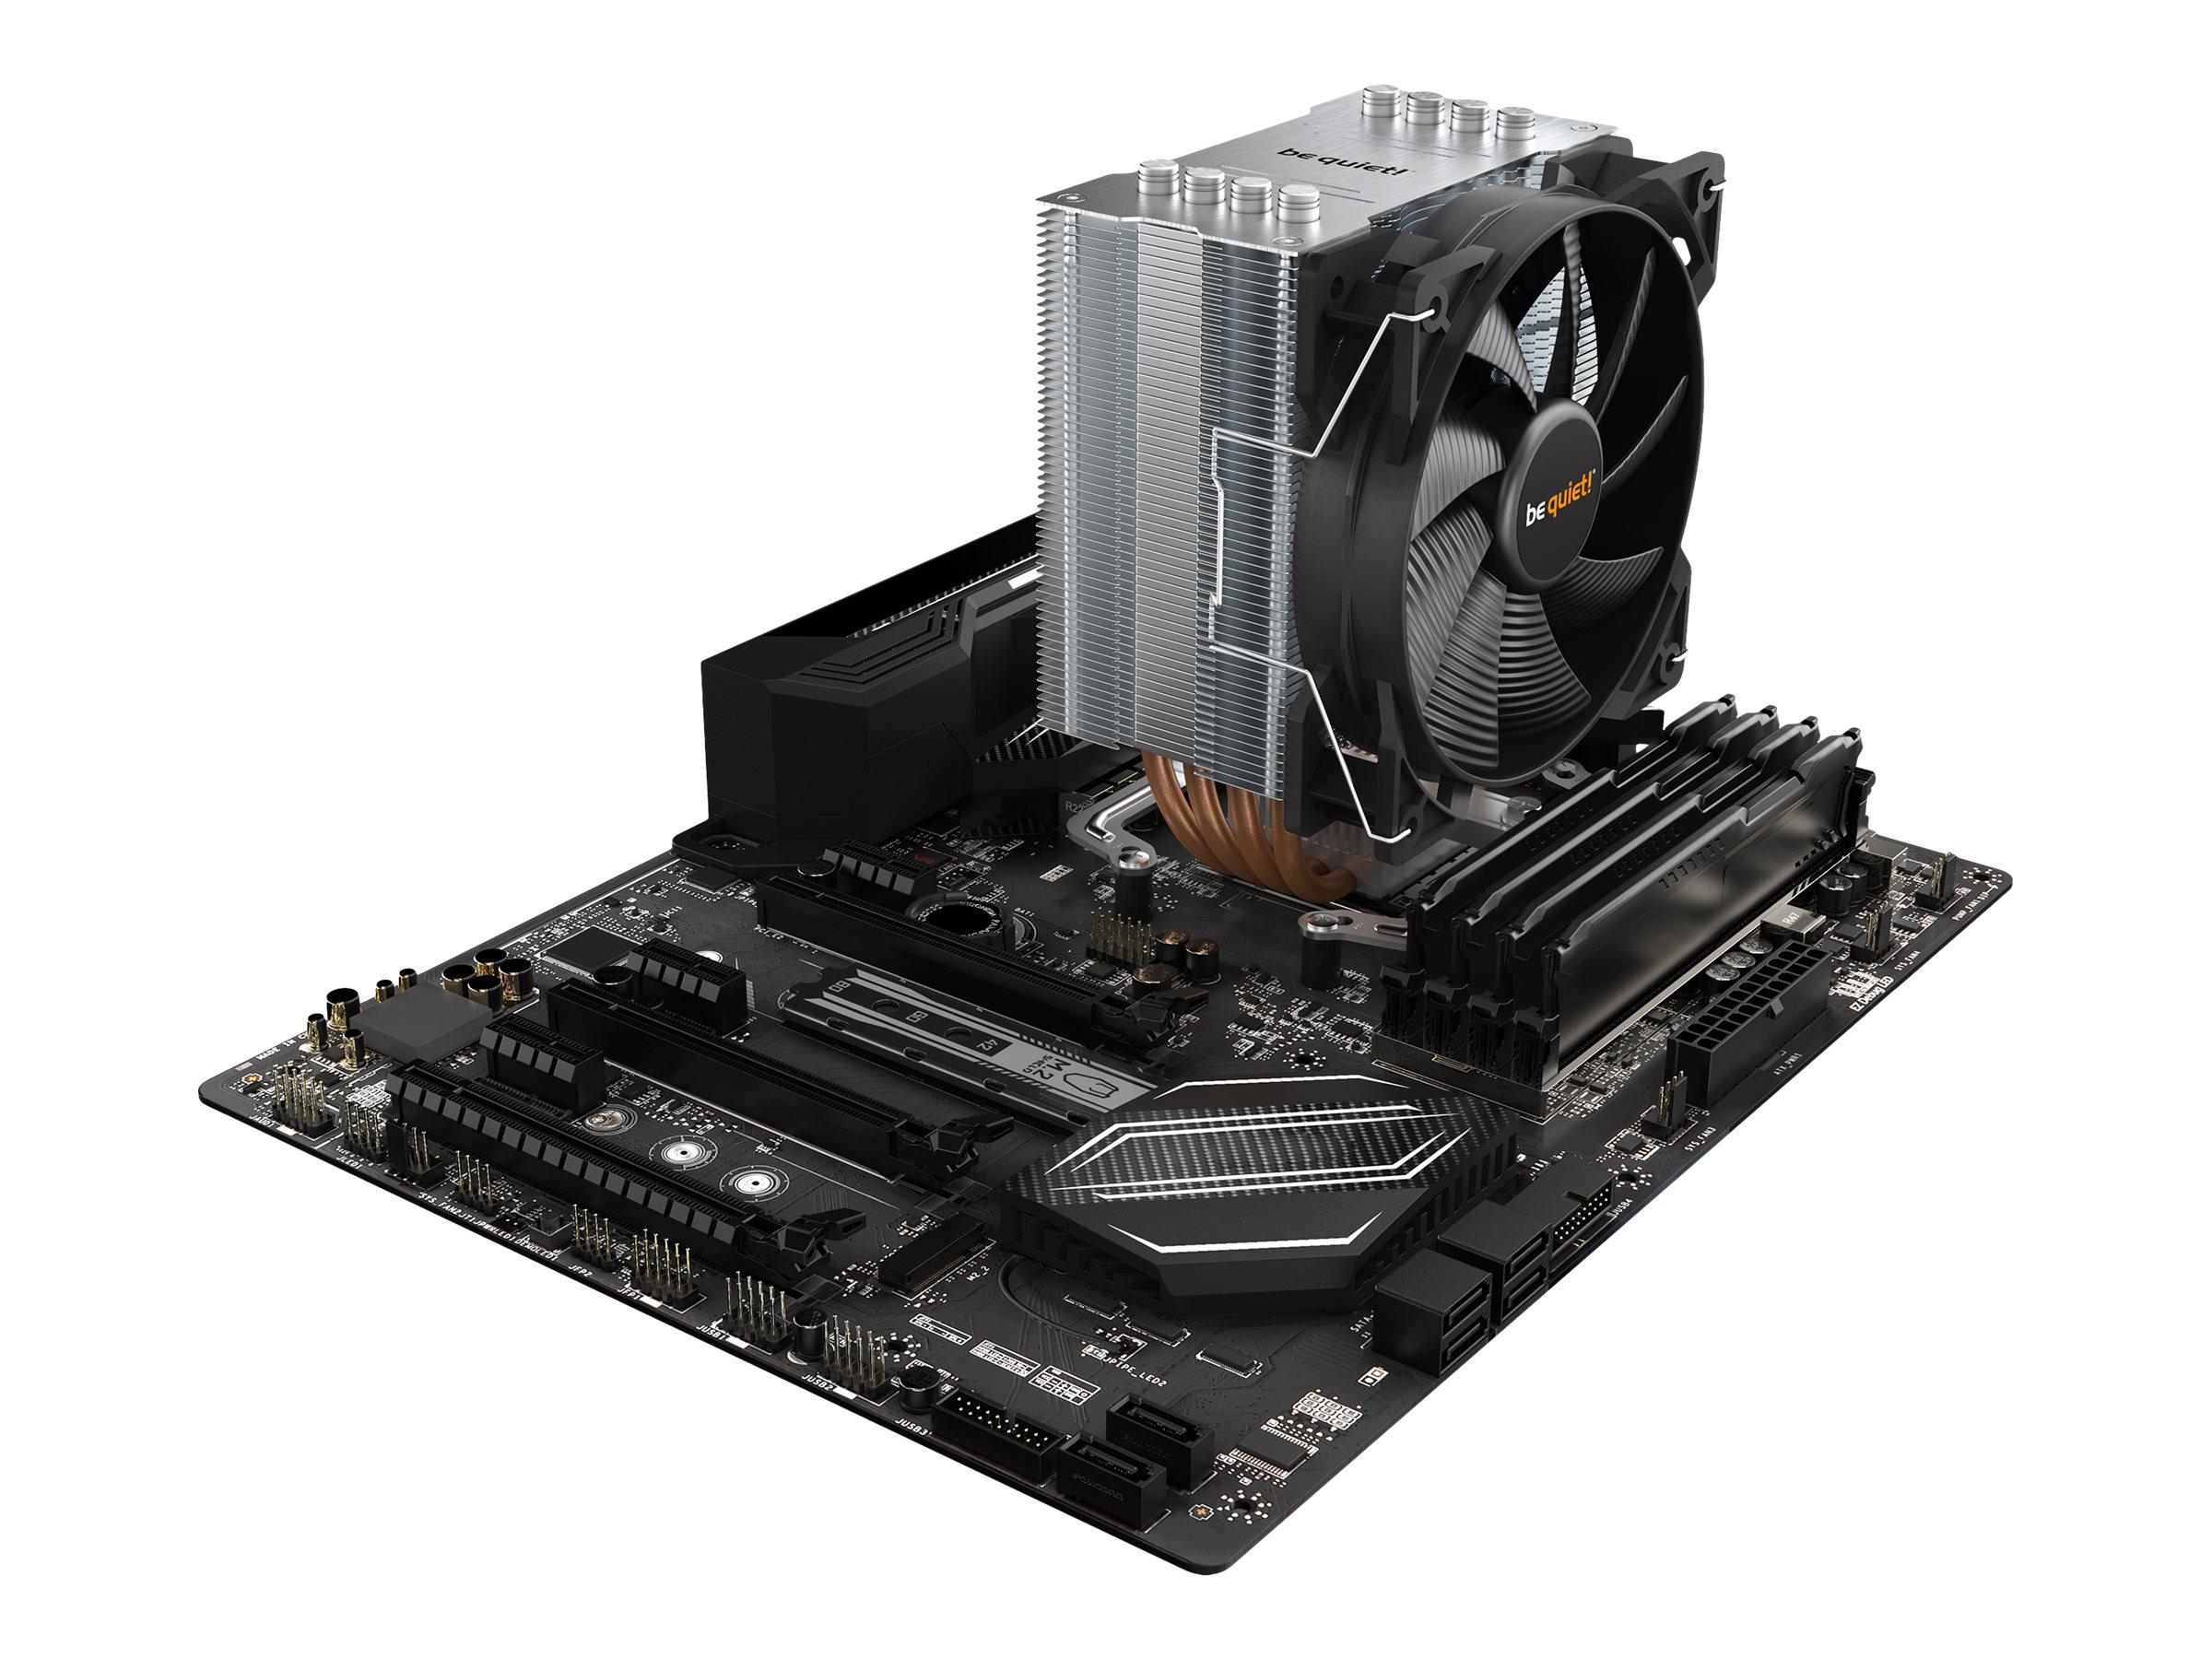 Vorschau: Be Quiet! Pure Rock 2 - Prozessor-Luftkühler - (für: AM3, LGA1155, AM3+, LGA1150, LGA1151, LGA2011-3 (Square ILM)